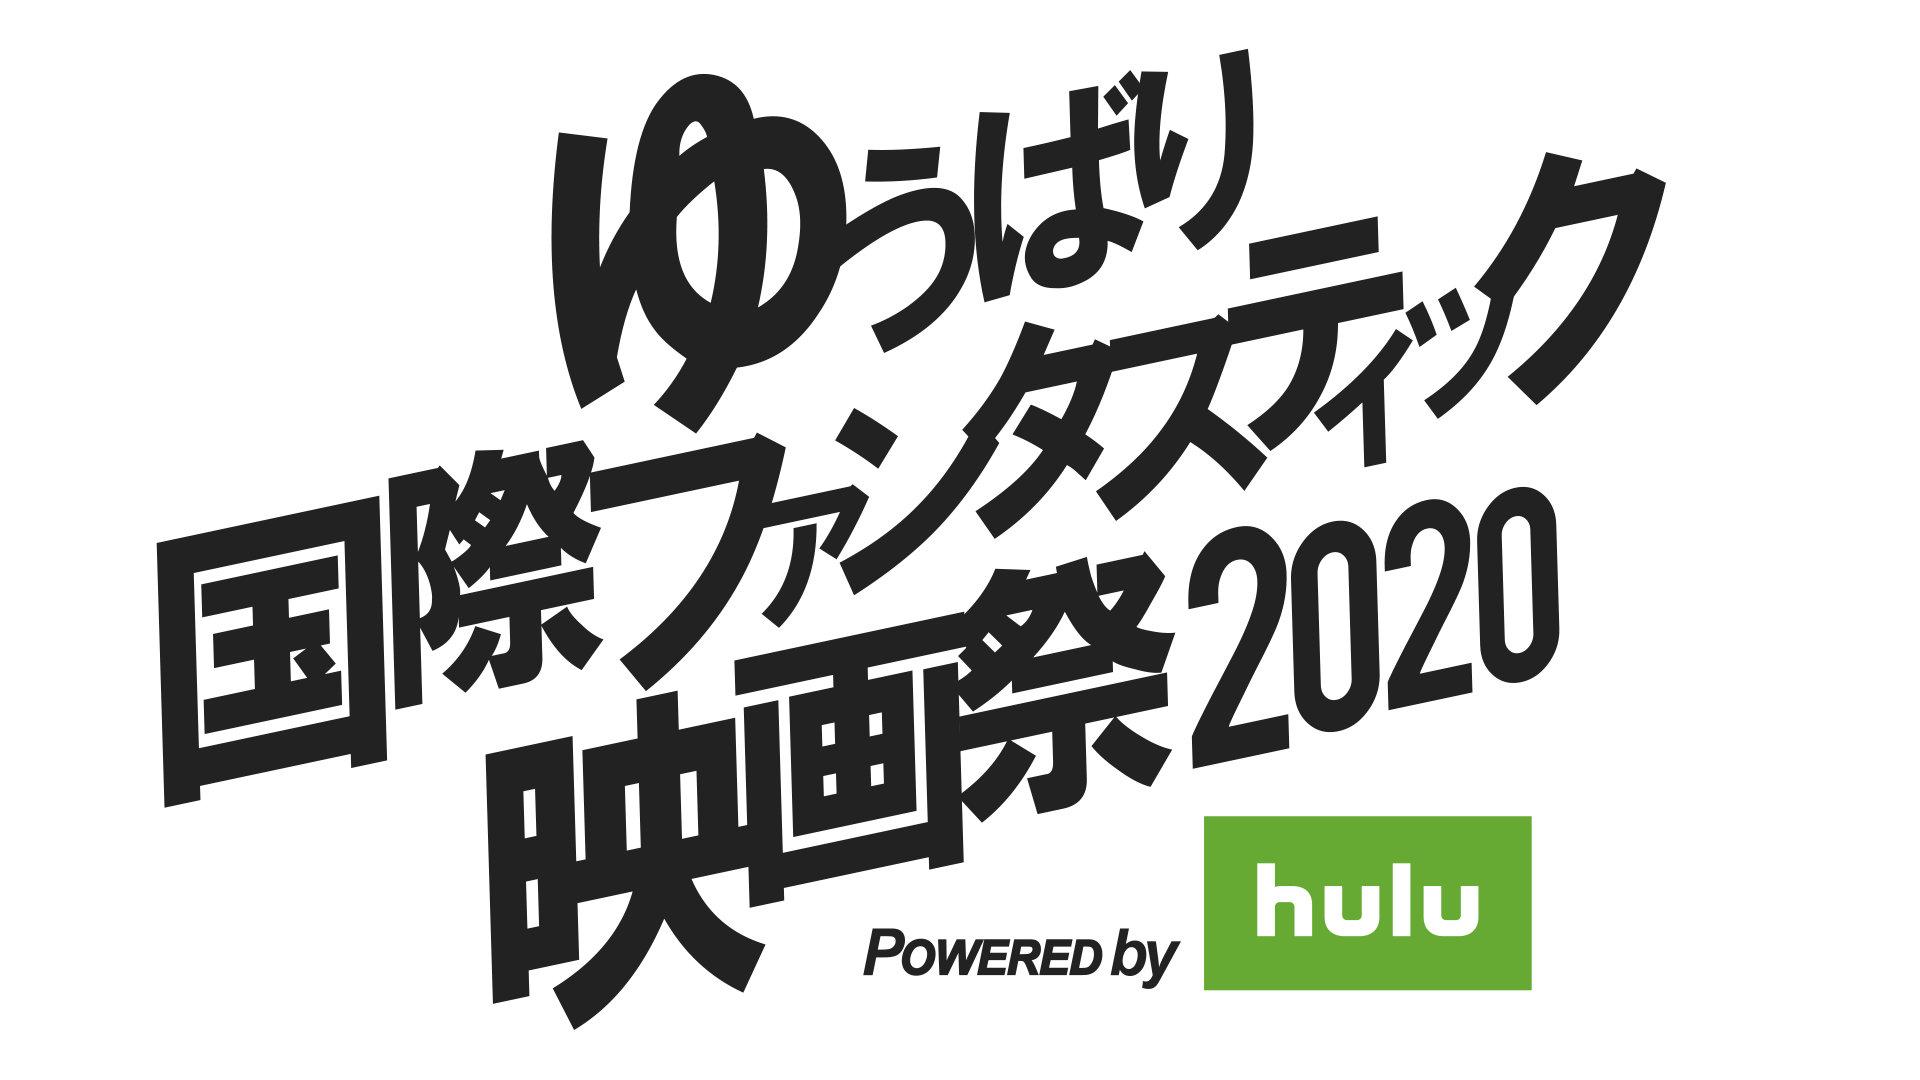 【Hulu】「ゆうばり国際ファンタスティック映画祭2020」をオンライン開催、コンペ作品を無料配信